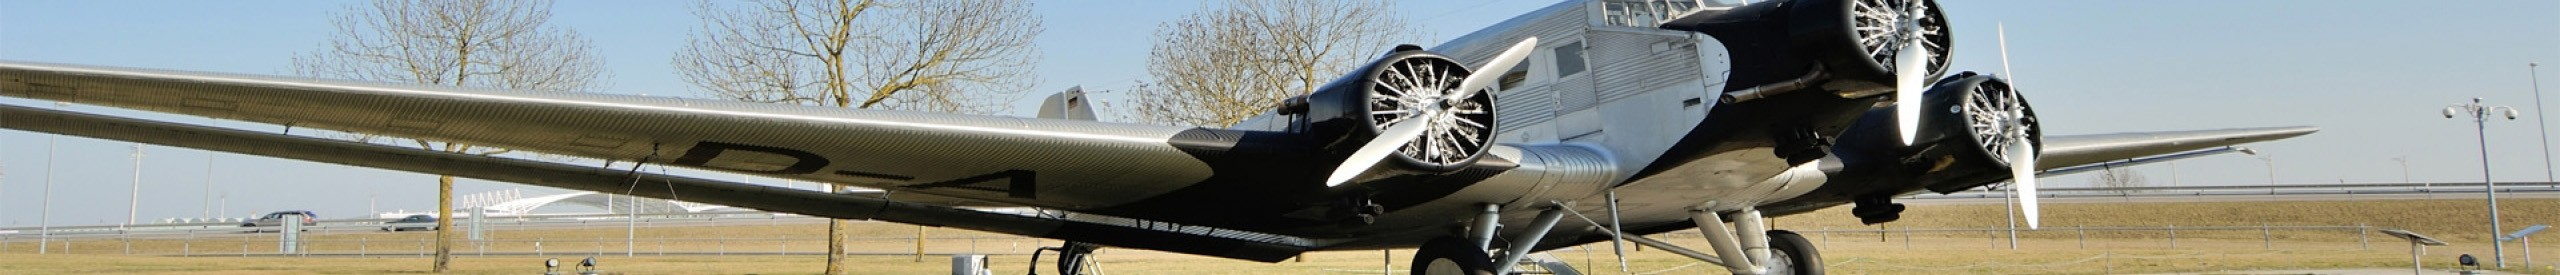 Ju-52 Flug